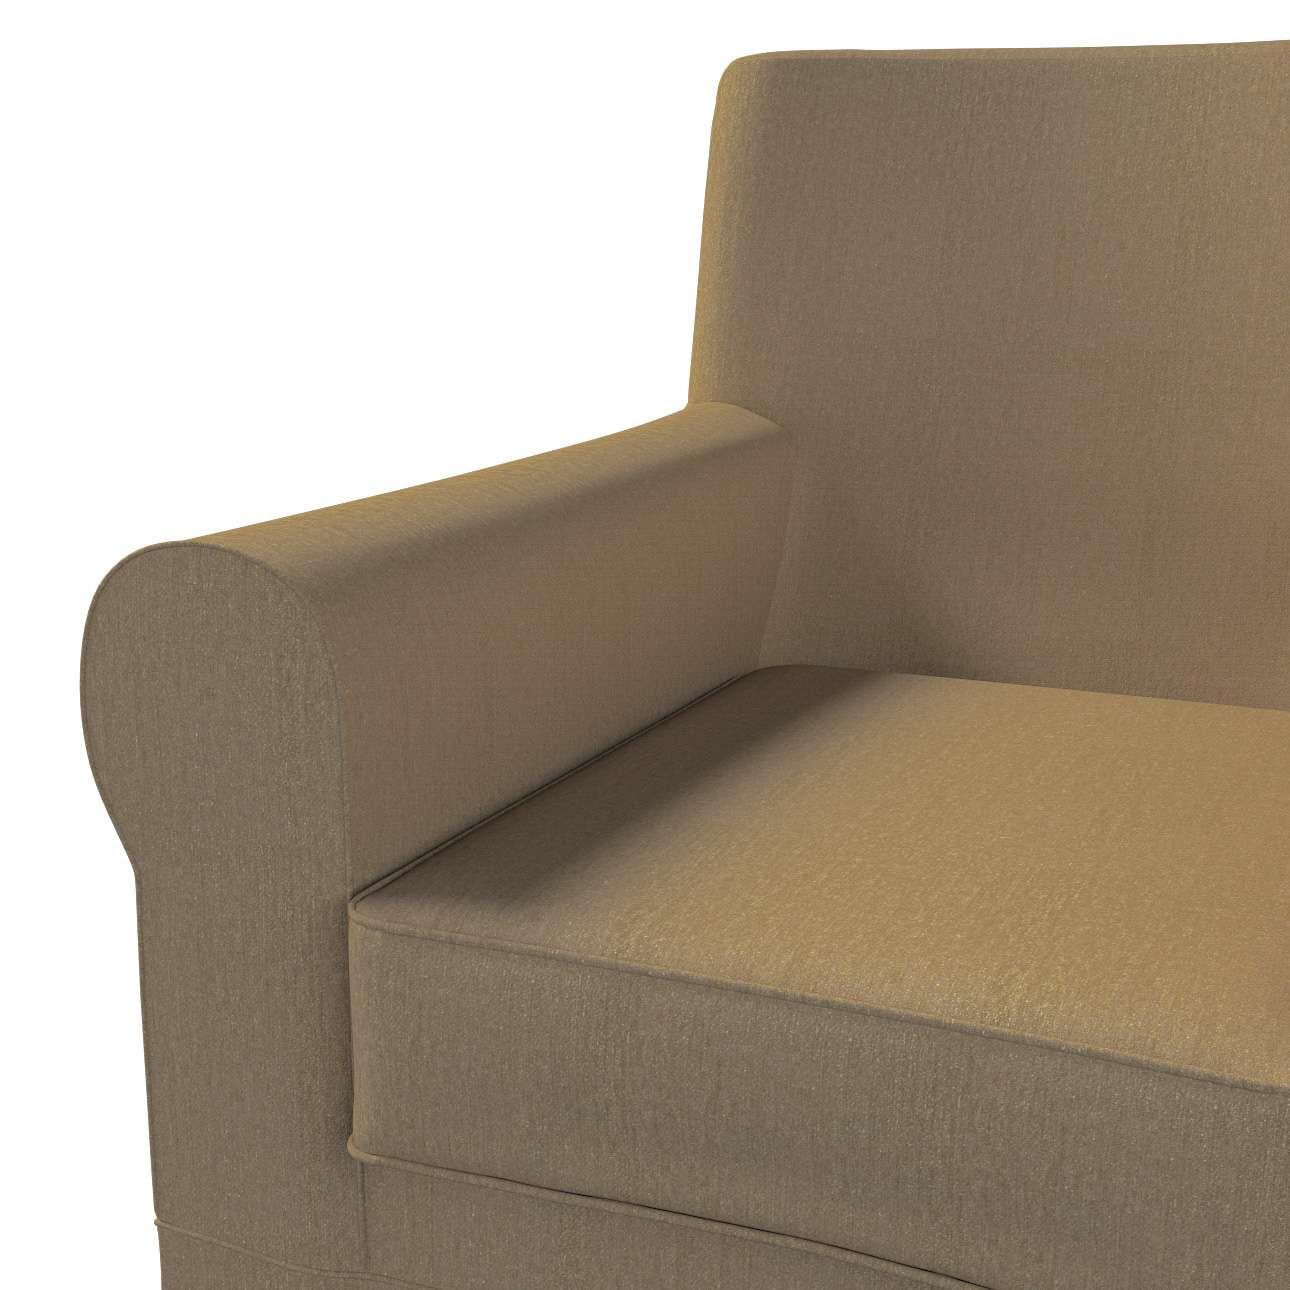 Pokrowiec na fotel Ektorp Jennylund w kolekcji Chenille, tkanina: 702-21